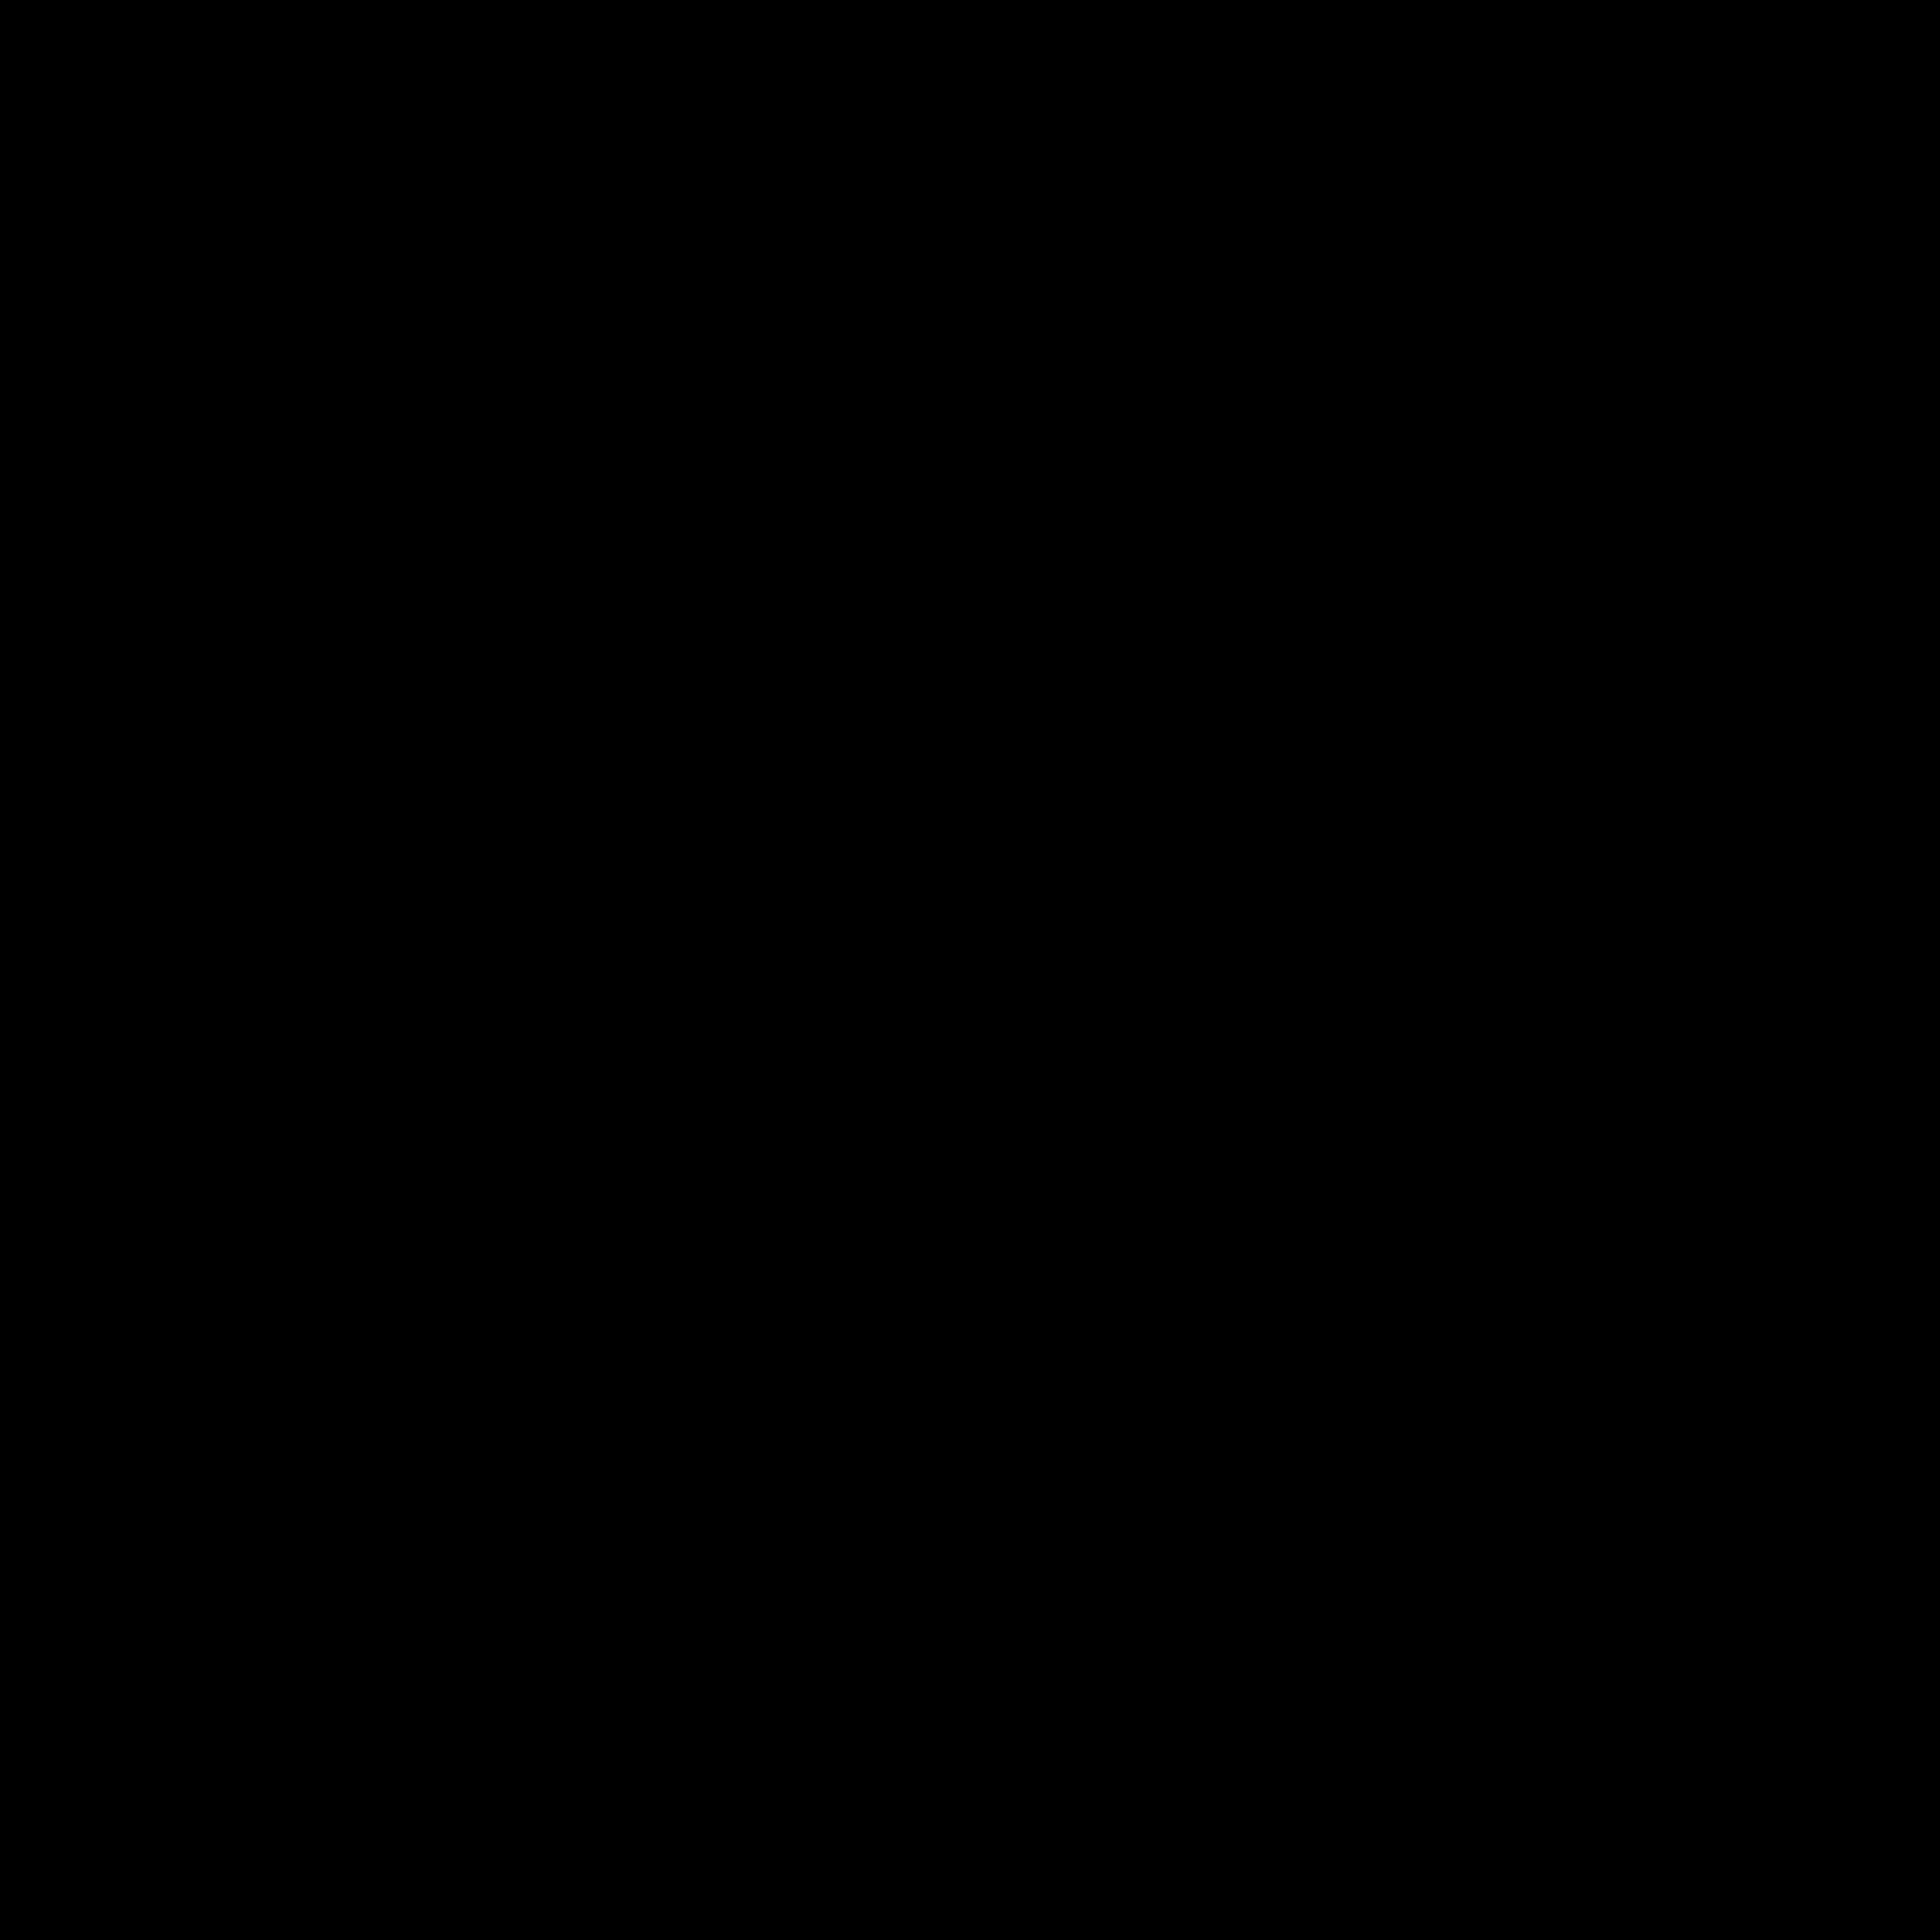 MPP logga svart_Rityta 1.png